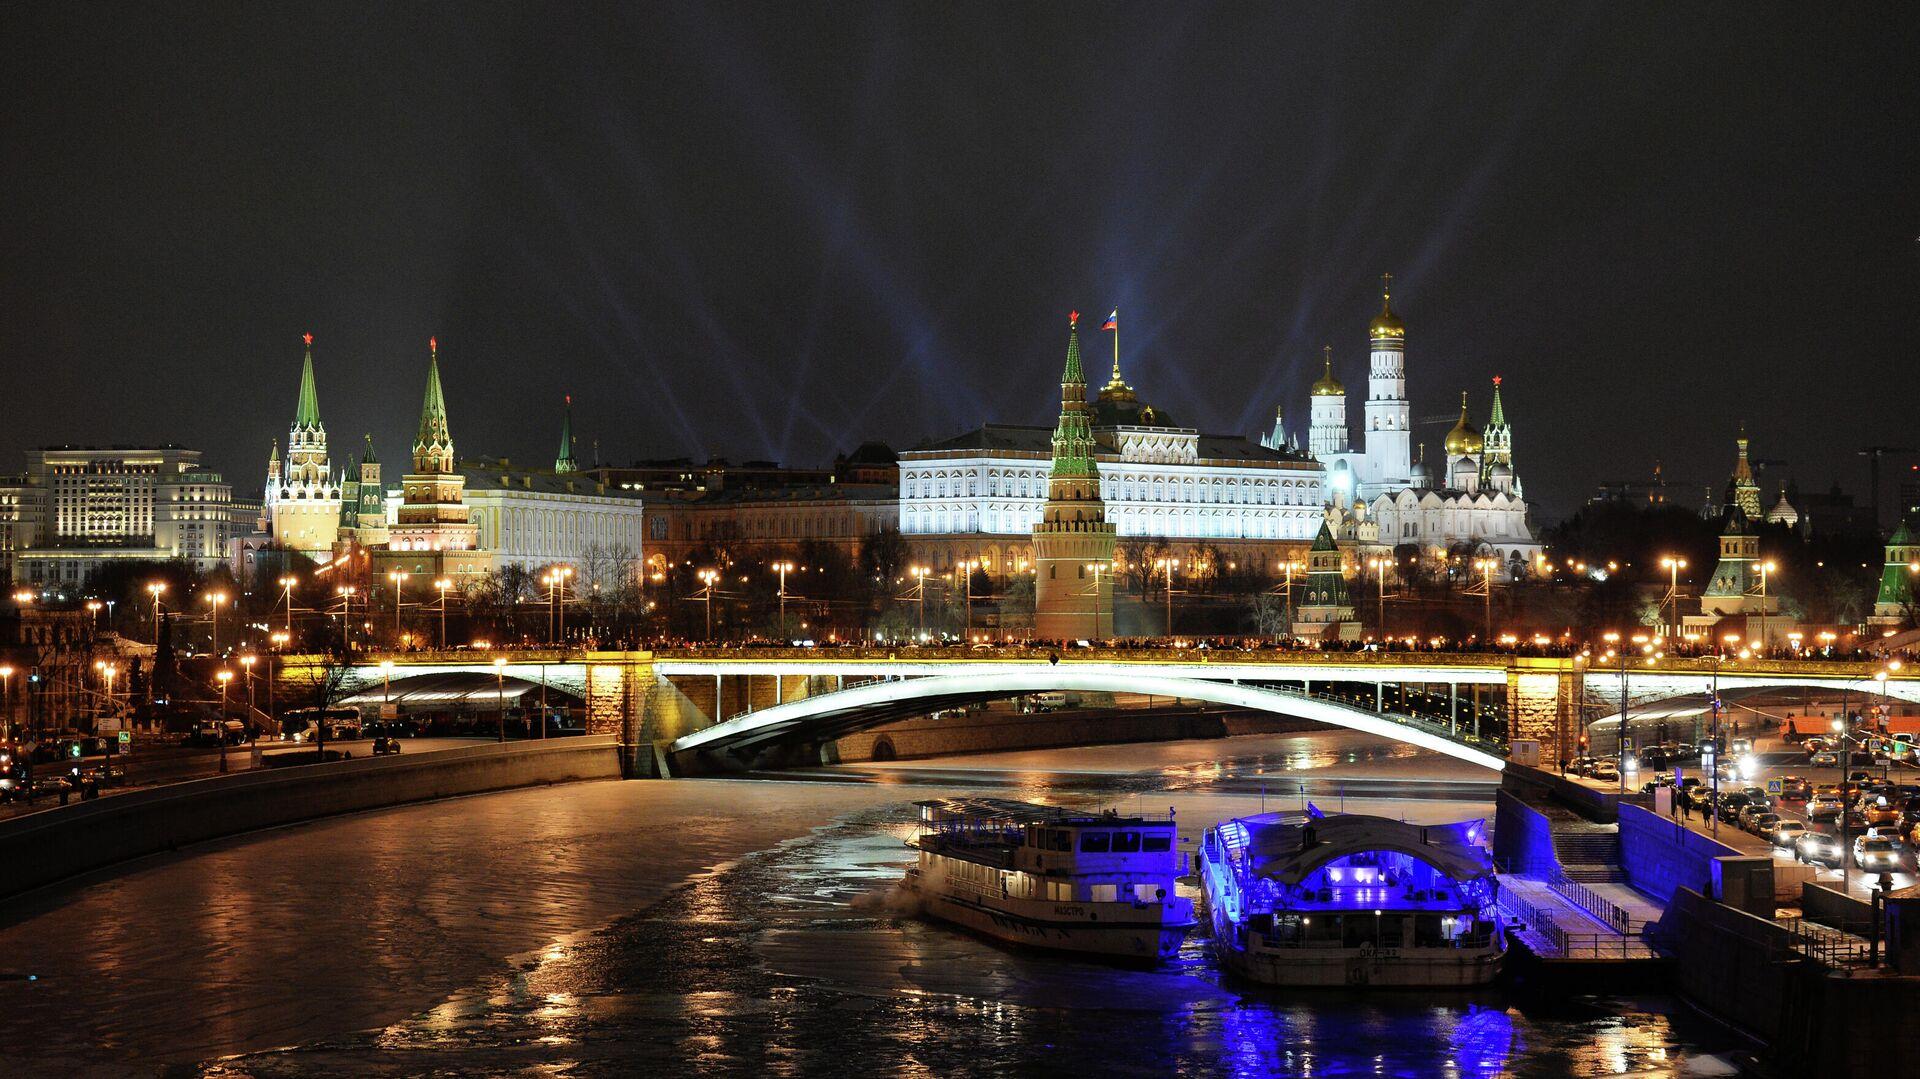 Вид на Кремль с Патриаршего моста в новогоднюю ночь - РИА Новости, 1920, 08.09.2021